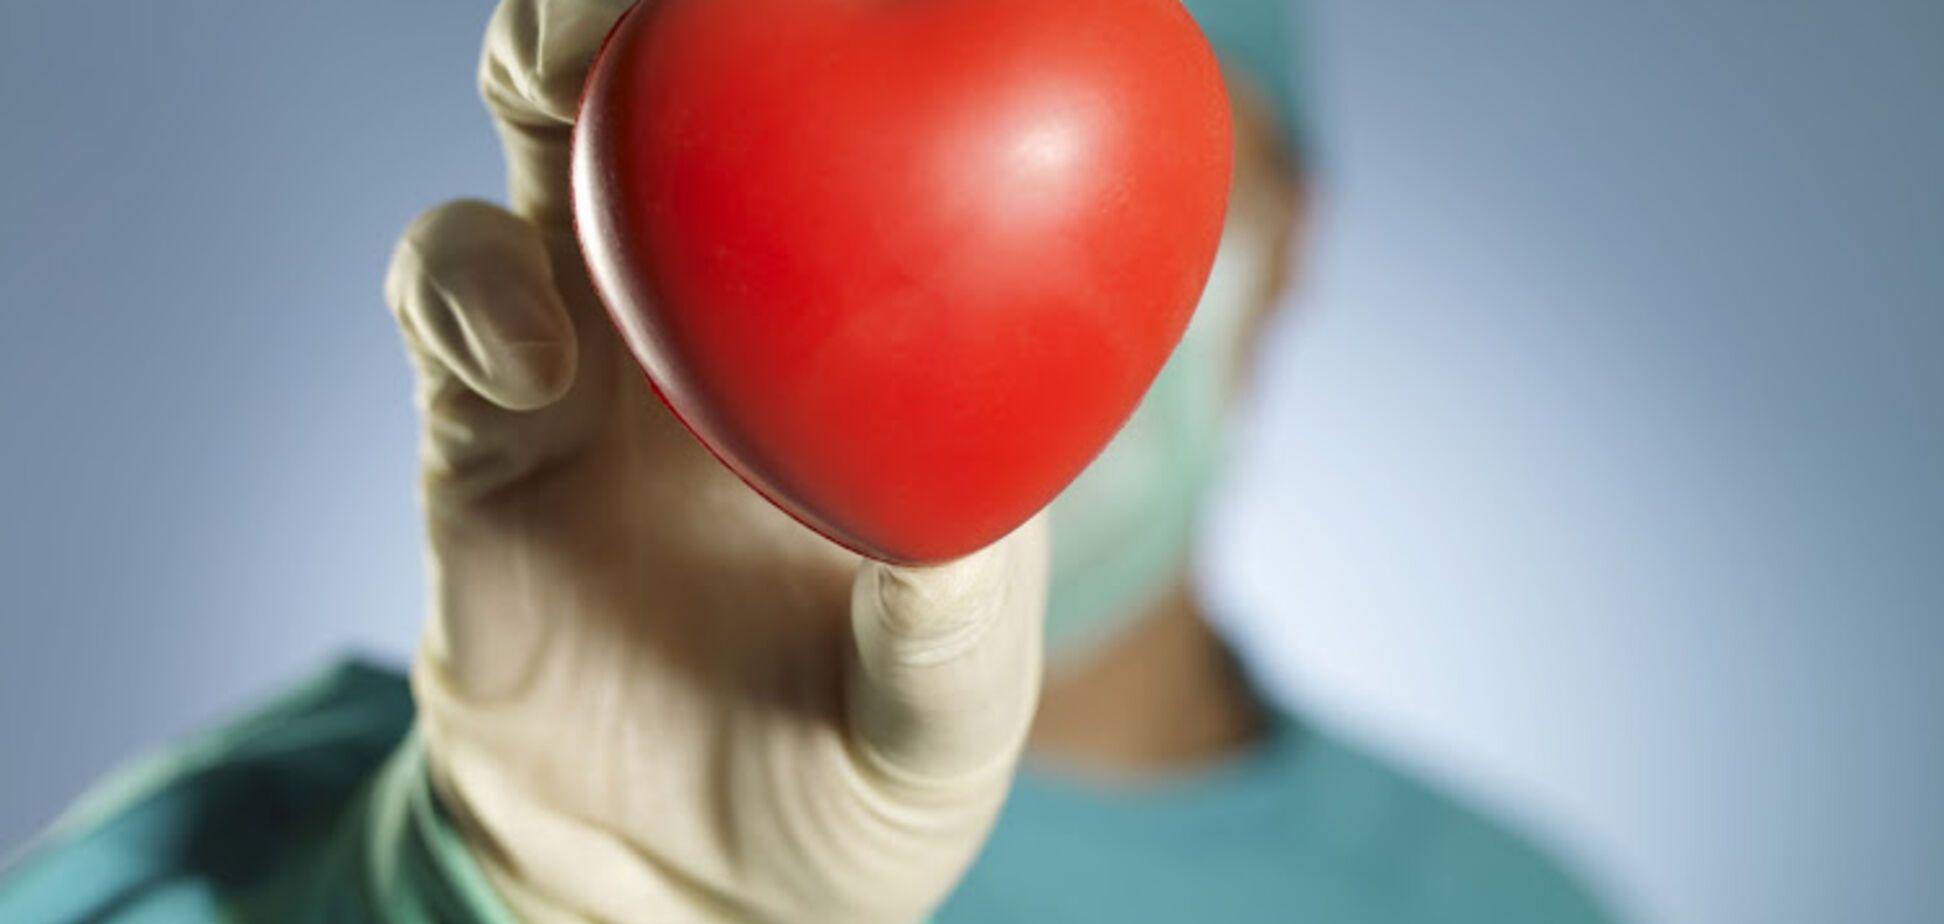 Трансплантація органів в Індії і в Україні, або Чотири недоліки української медицини